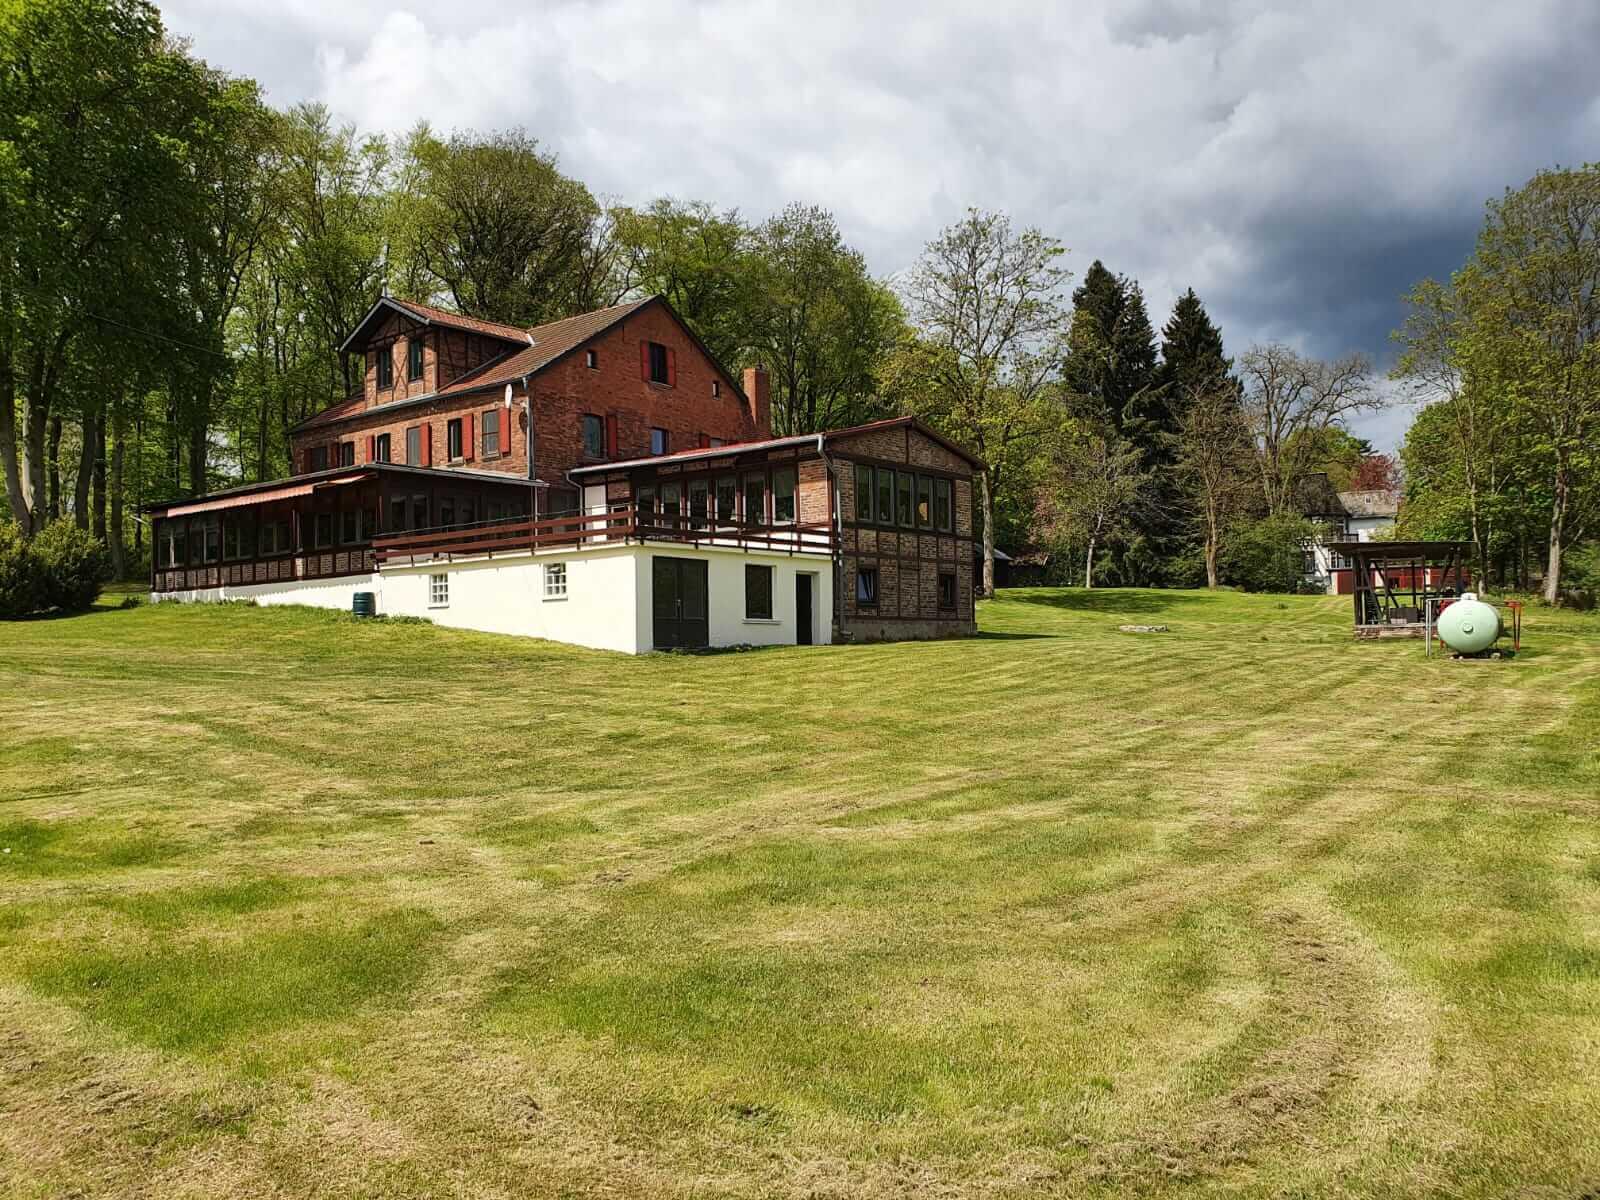 Begane grond Groot vakantiehuis Waldfriede\Groot-vakantiehuis.com